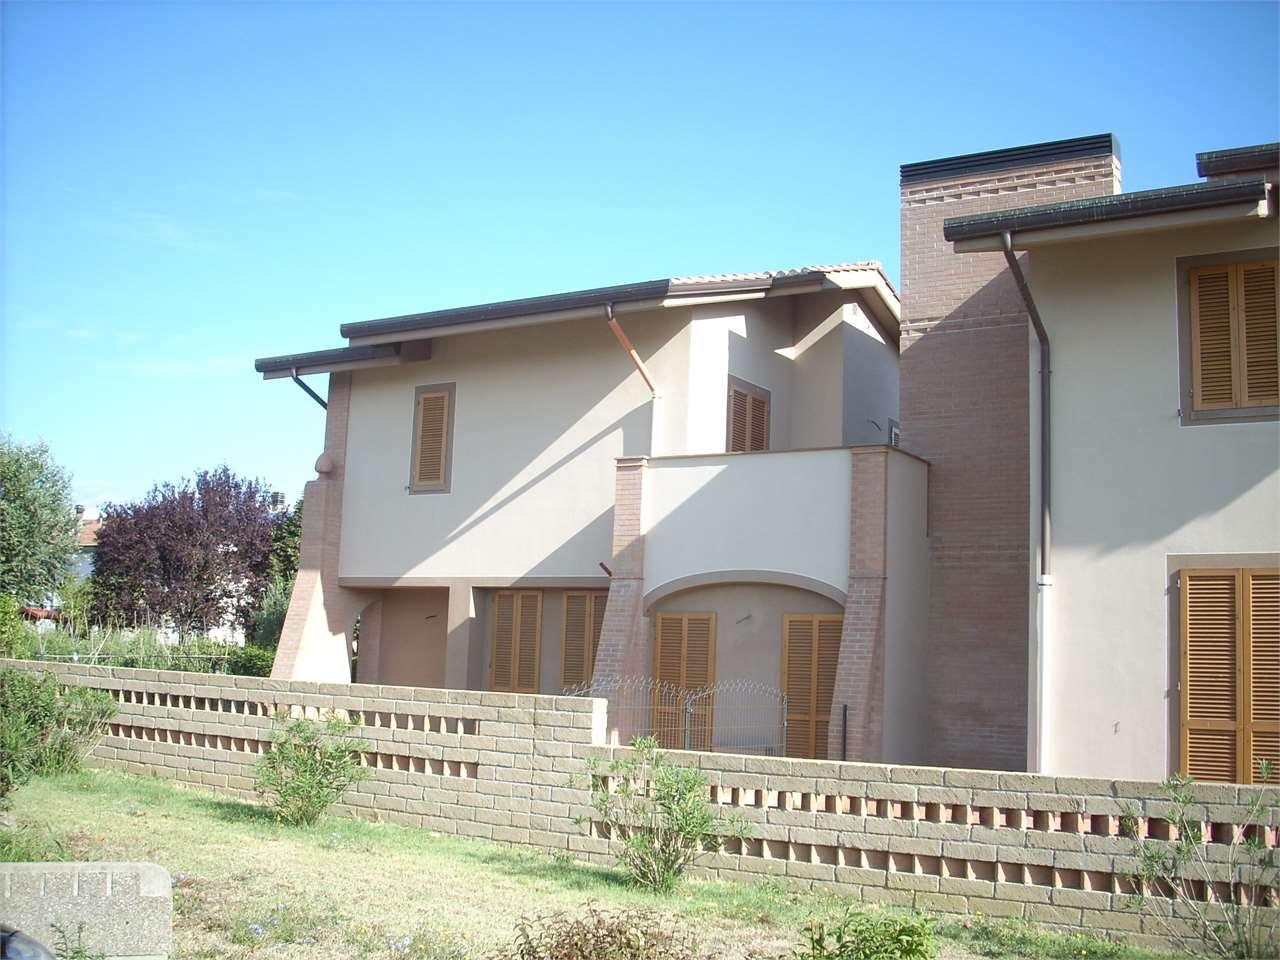 Villa con giardino a Pontedera - 01